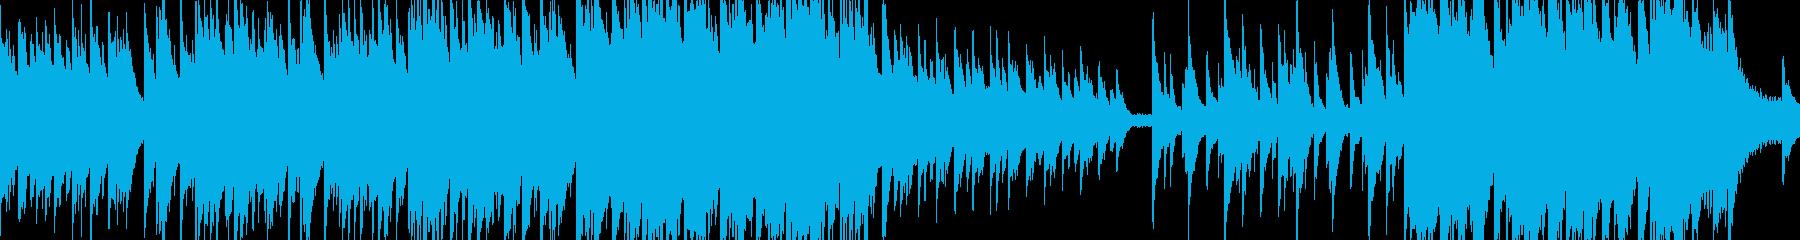 綺麗なピアノソロBGM ループ版の再生済みの波形